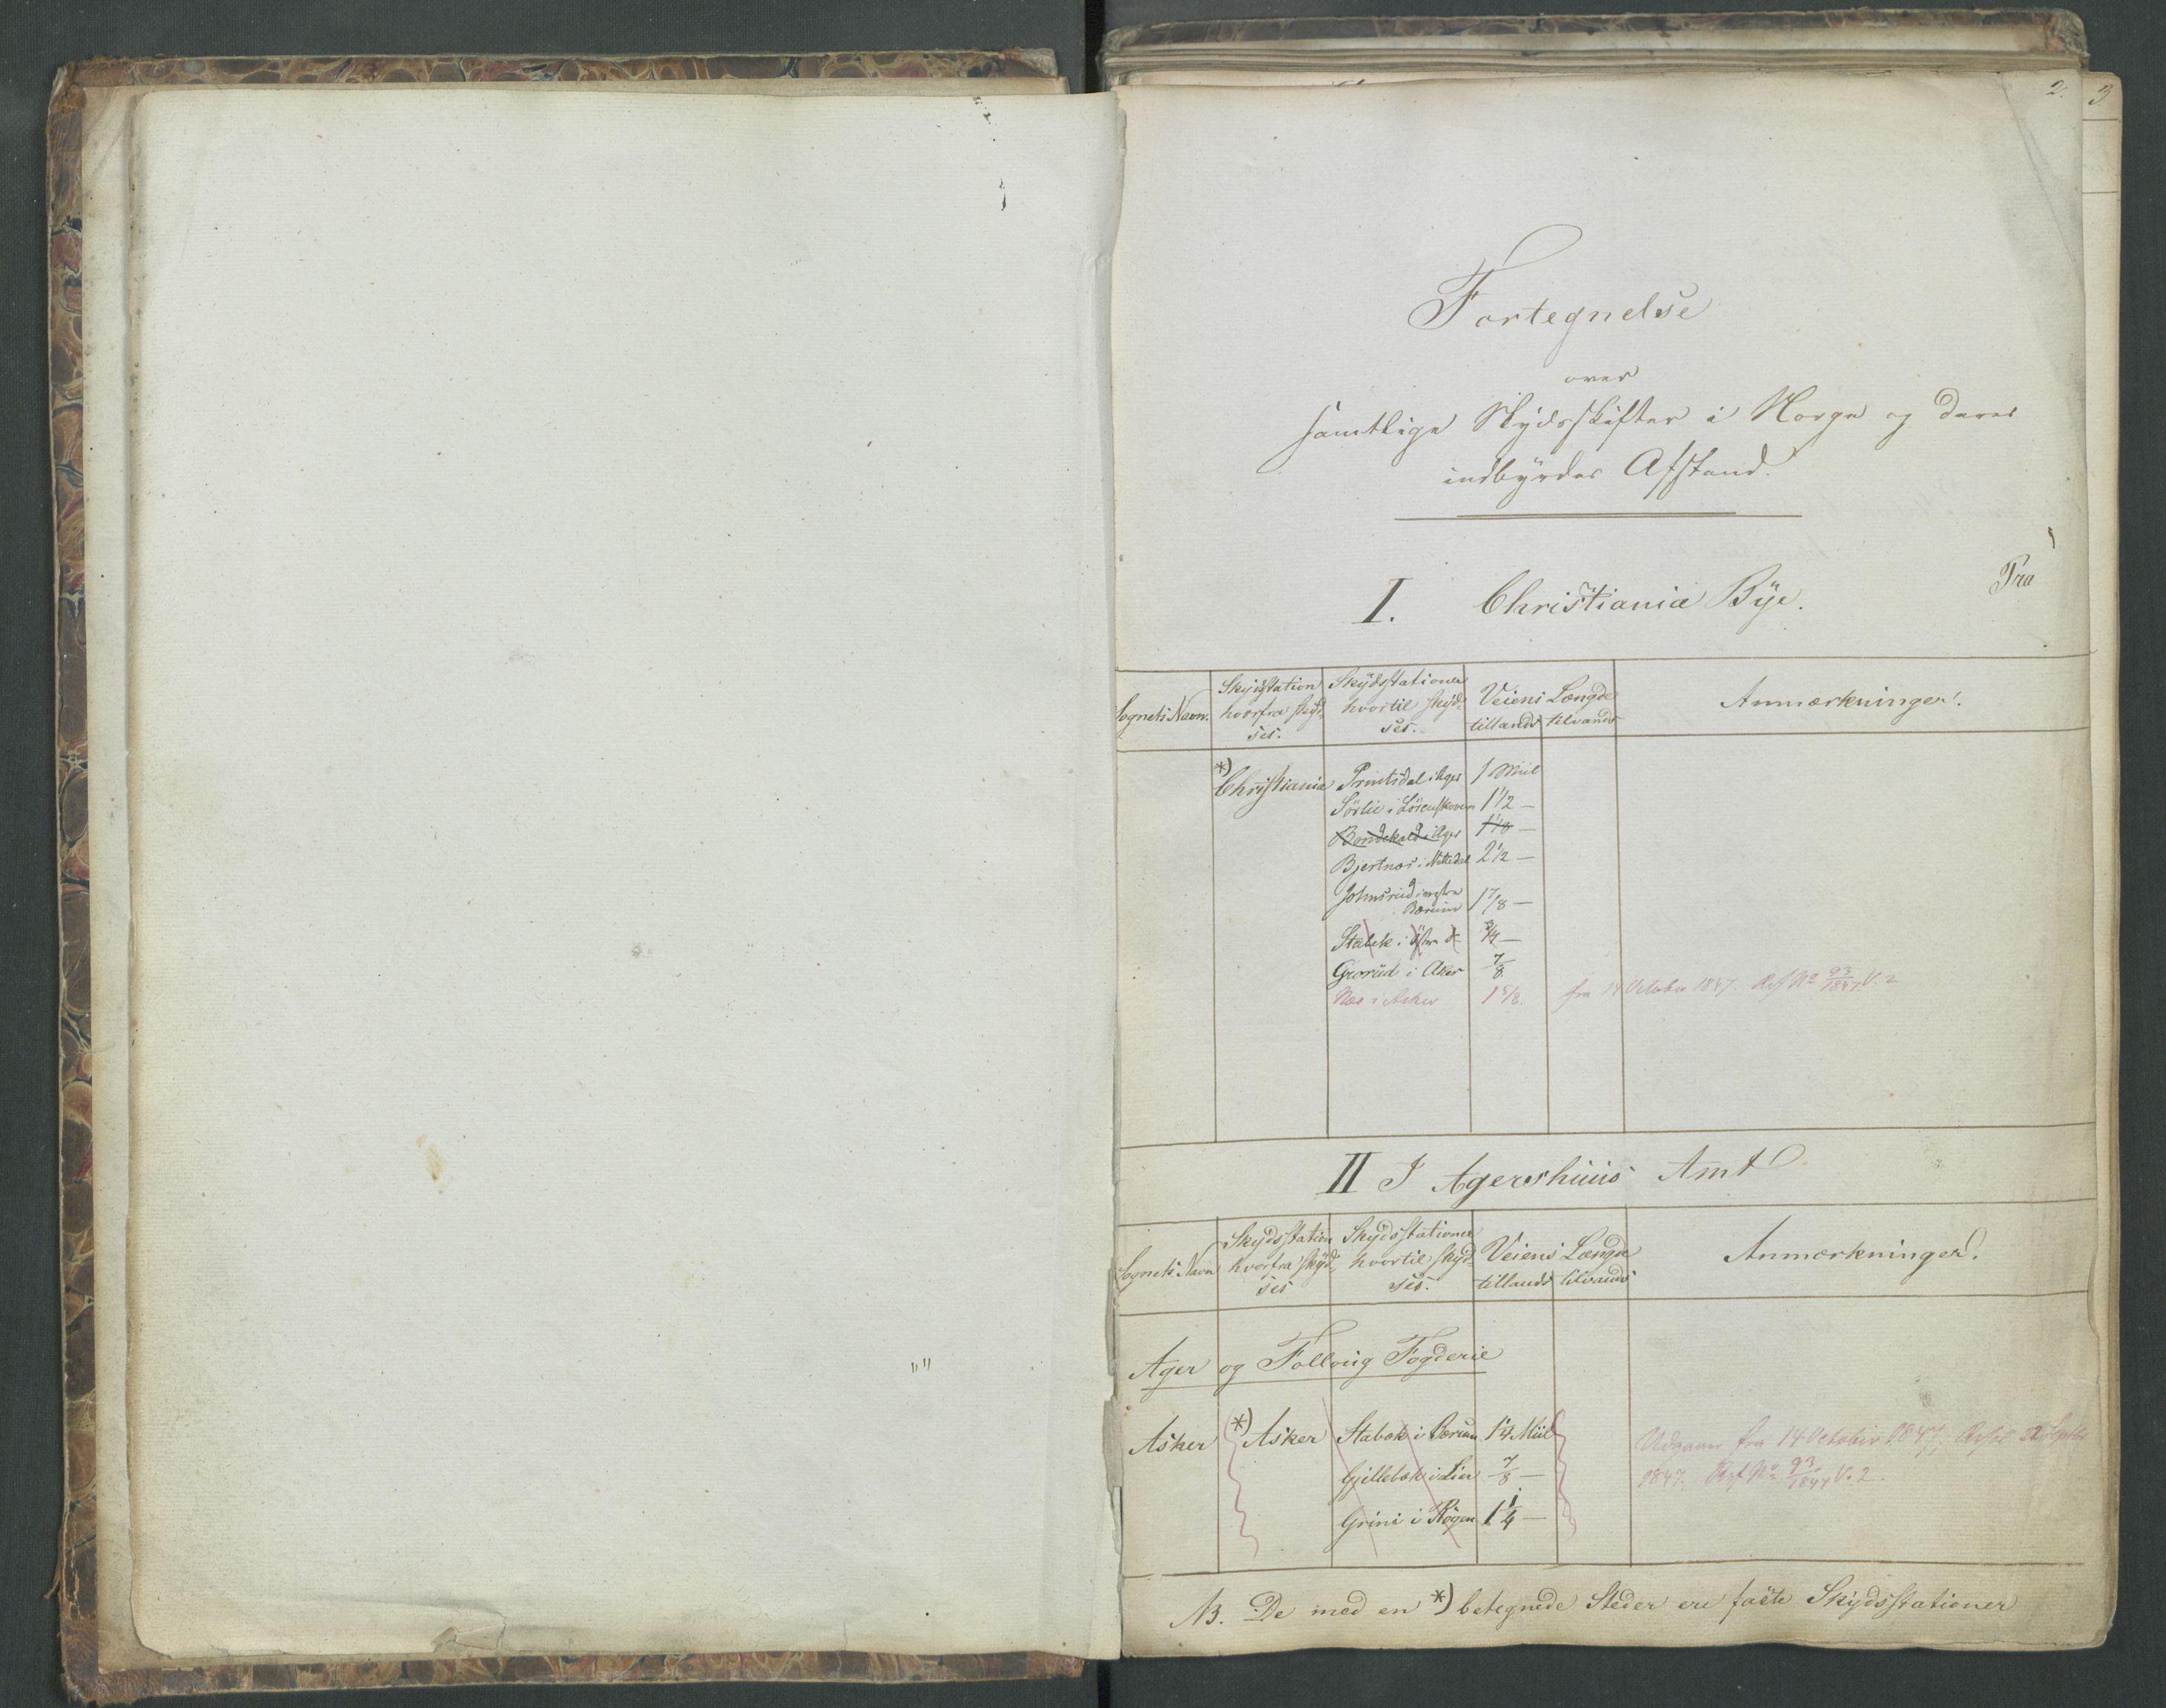 RA, Justisdepartementet, Veikontoret B, D/Db/L0004: Fortegnelse over skysstifter i Norge, 1840, s. 1b-2a